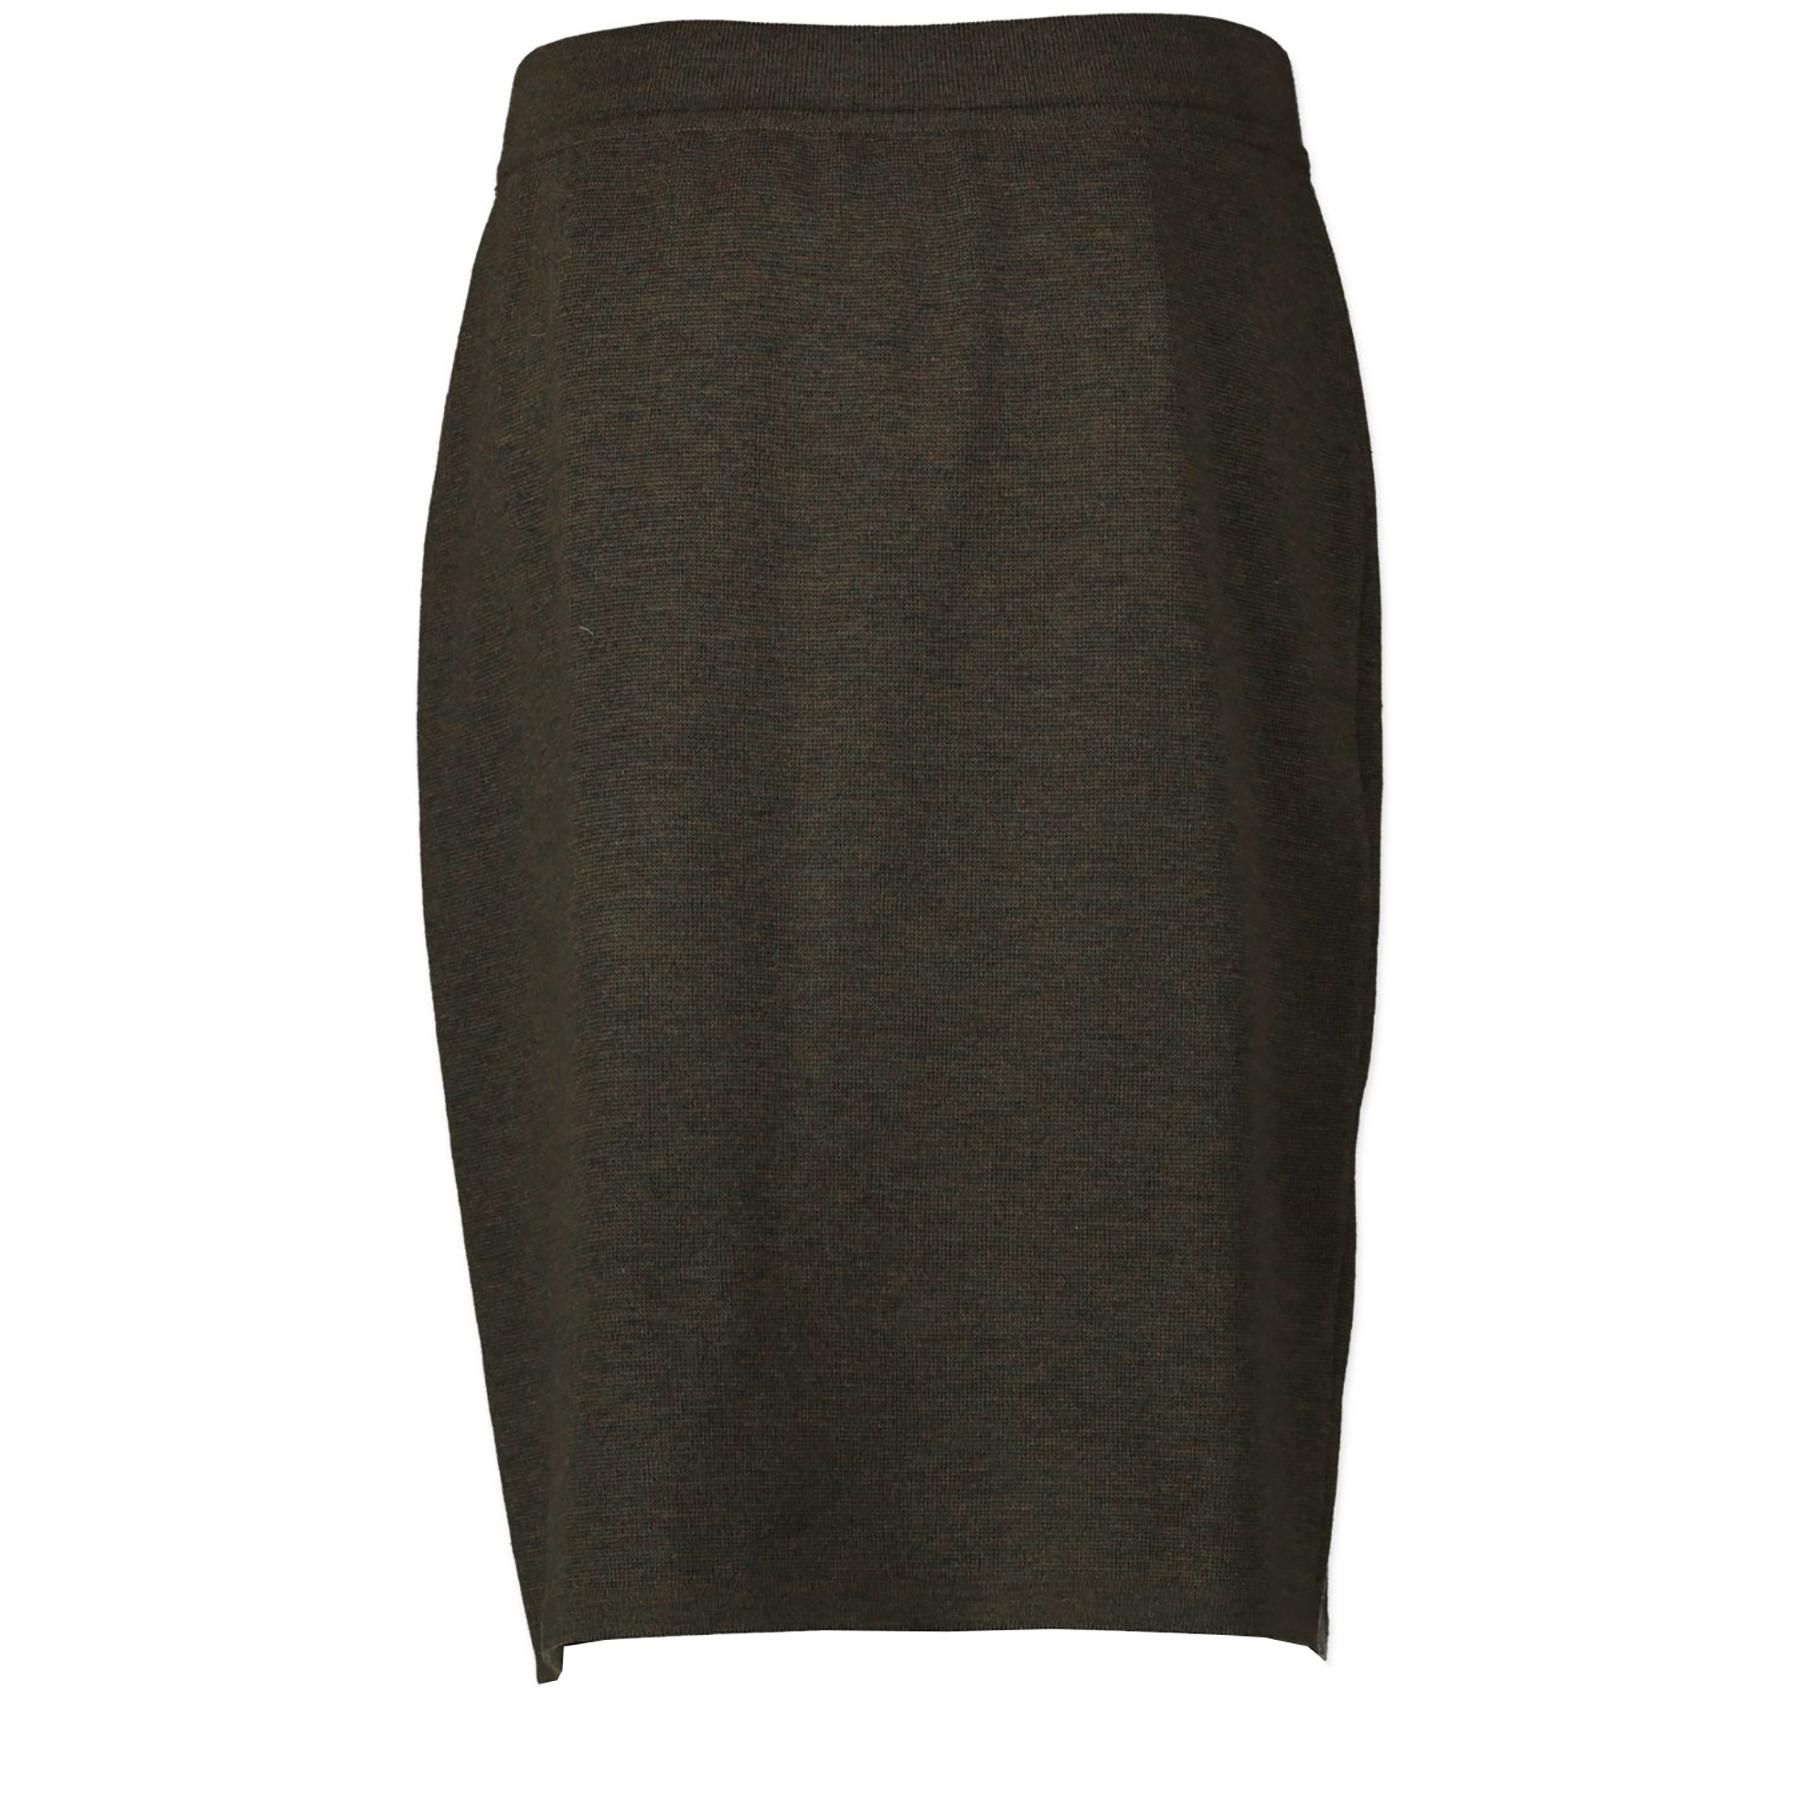 Koop Chanel Kaki Green Skirt aan de juiste prijs in alle veiligheid LabelLOV luxe merken webshop Antwerpen België